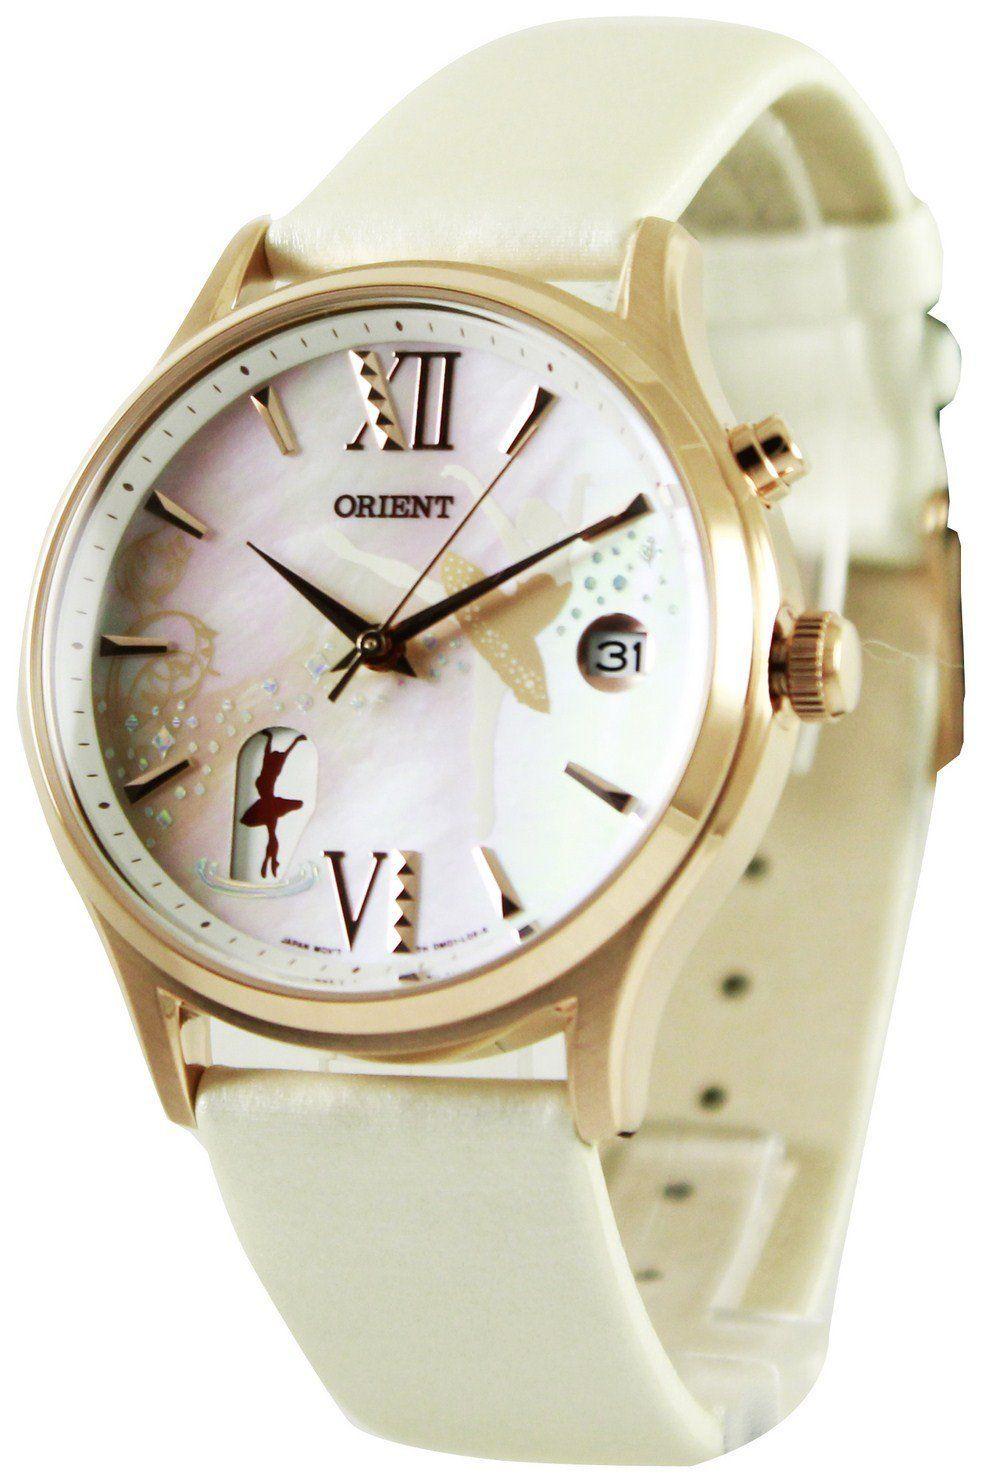 นาฬิกาผู้หญิง Orient รุ่น DM01002W, FDM01002WL